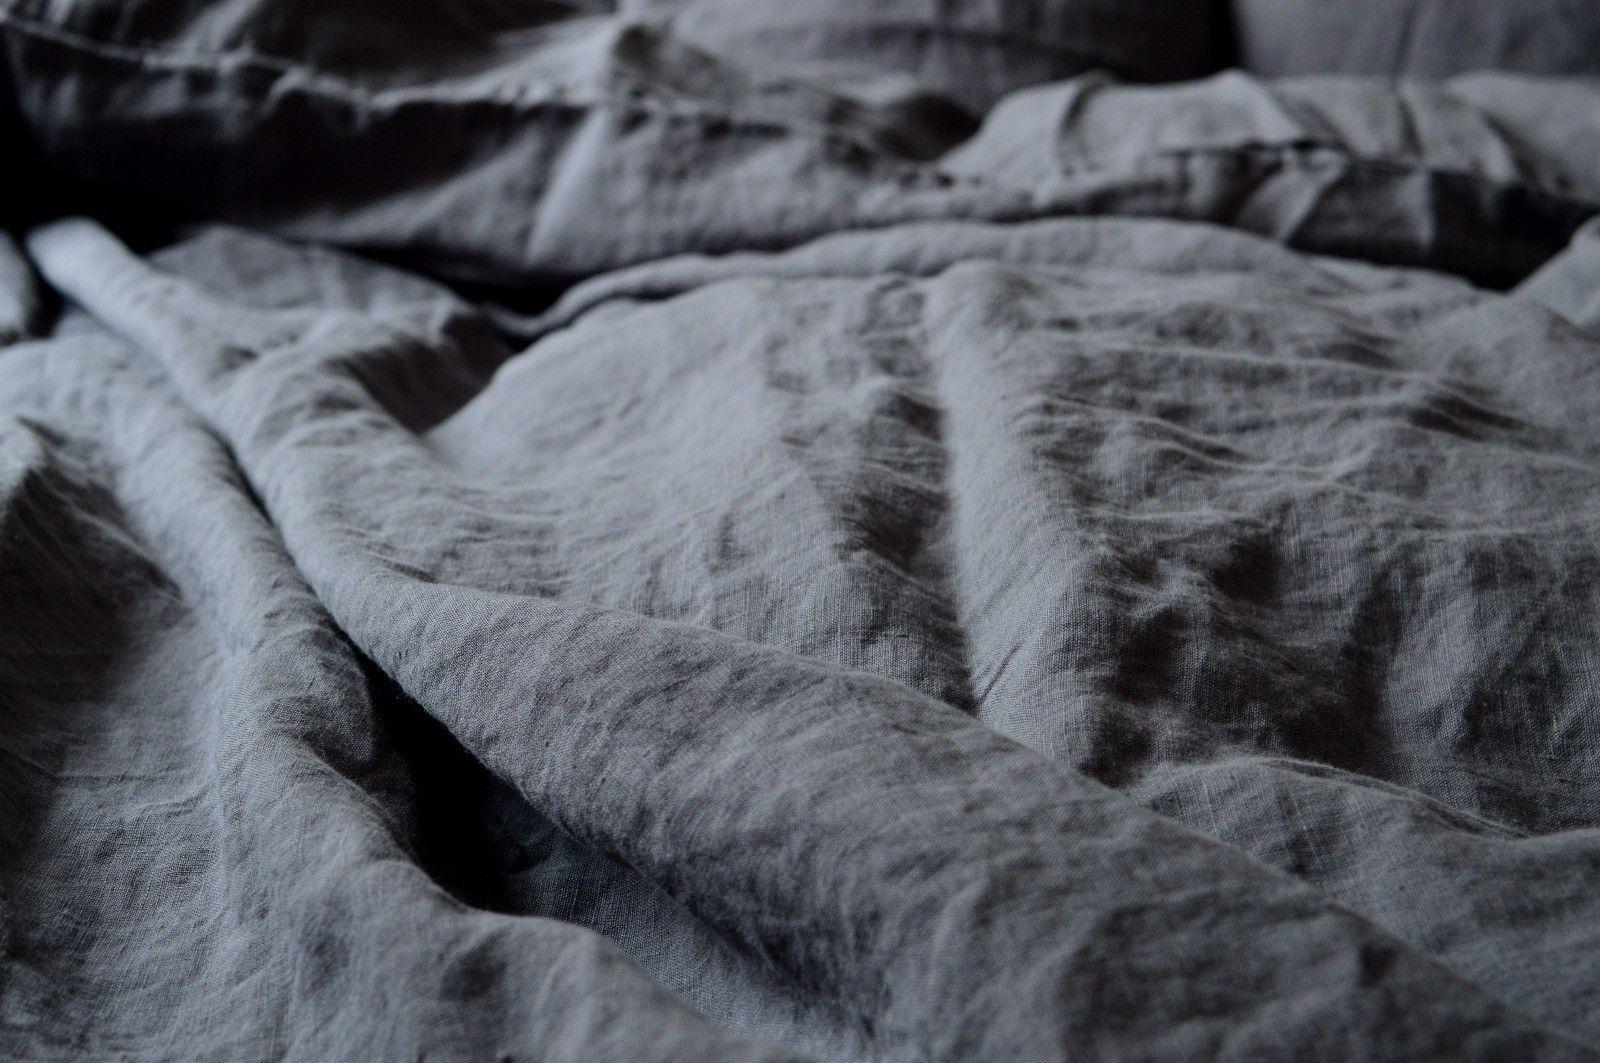 90x 200 cm 200x 200 cm Leinen Spannbettlaken Grau H 26 cm stone washed